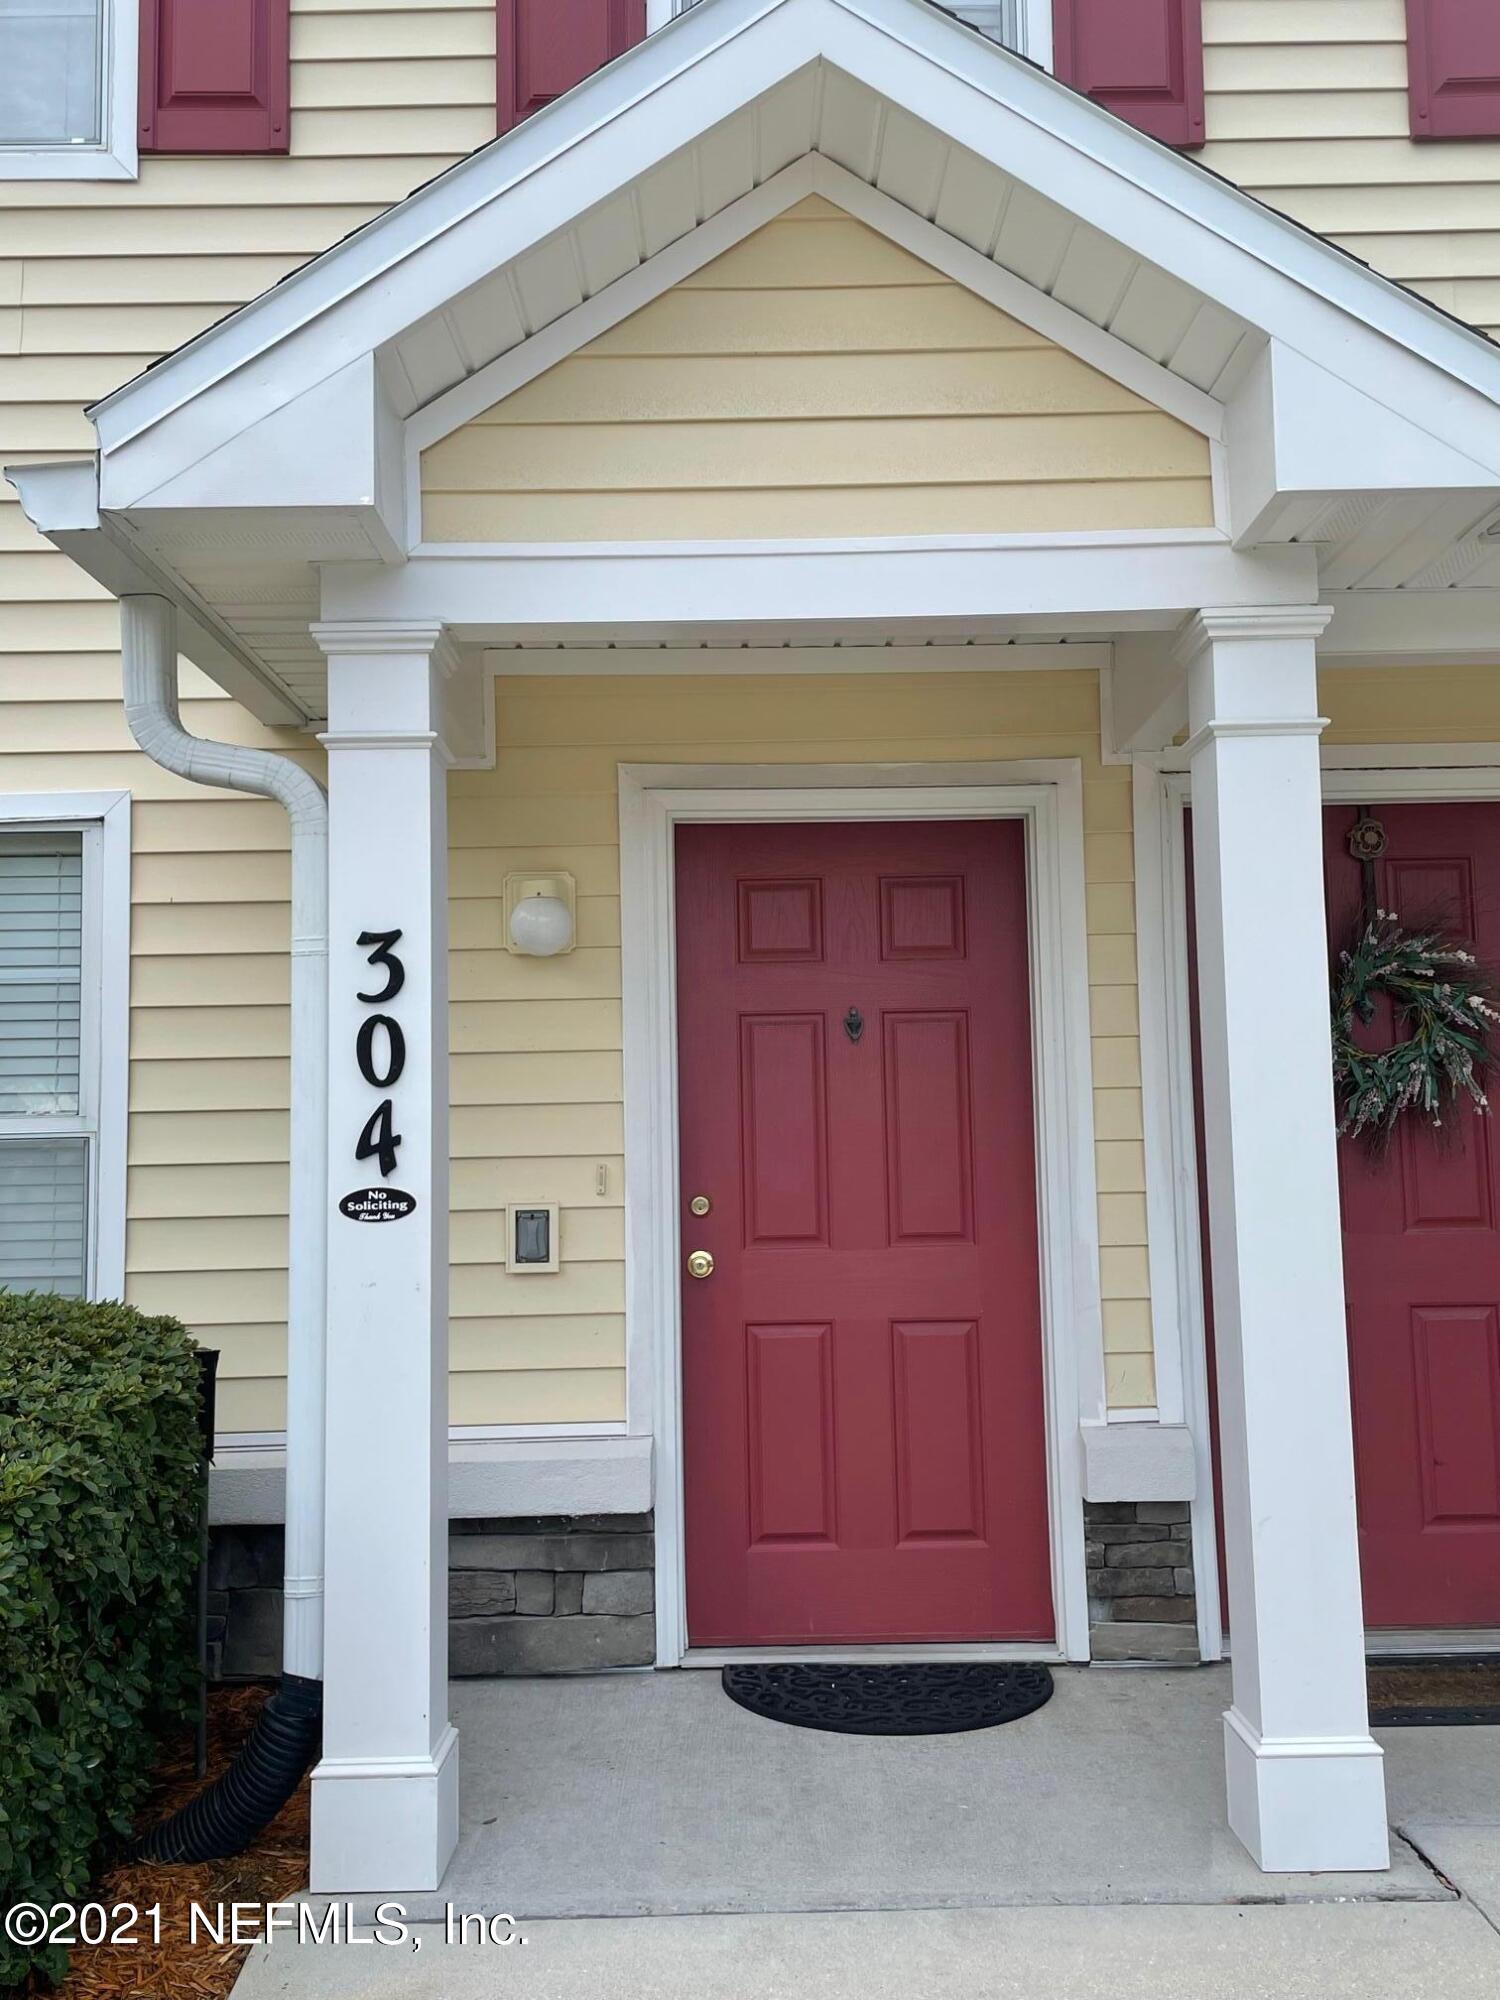 575 OAKLEAF PLANTATION, ORANGE PARK, FLORIDA 32065, 2 Bedrooms Bedrooms, ,2 BathroomsBathrooms,Residential,For sale,OAKLEAF PLANTATION,1123644